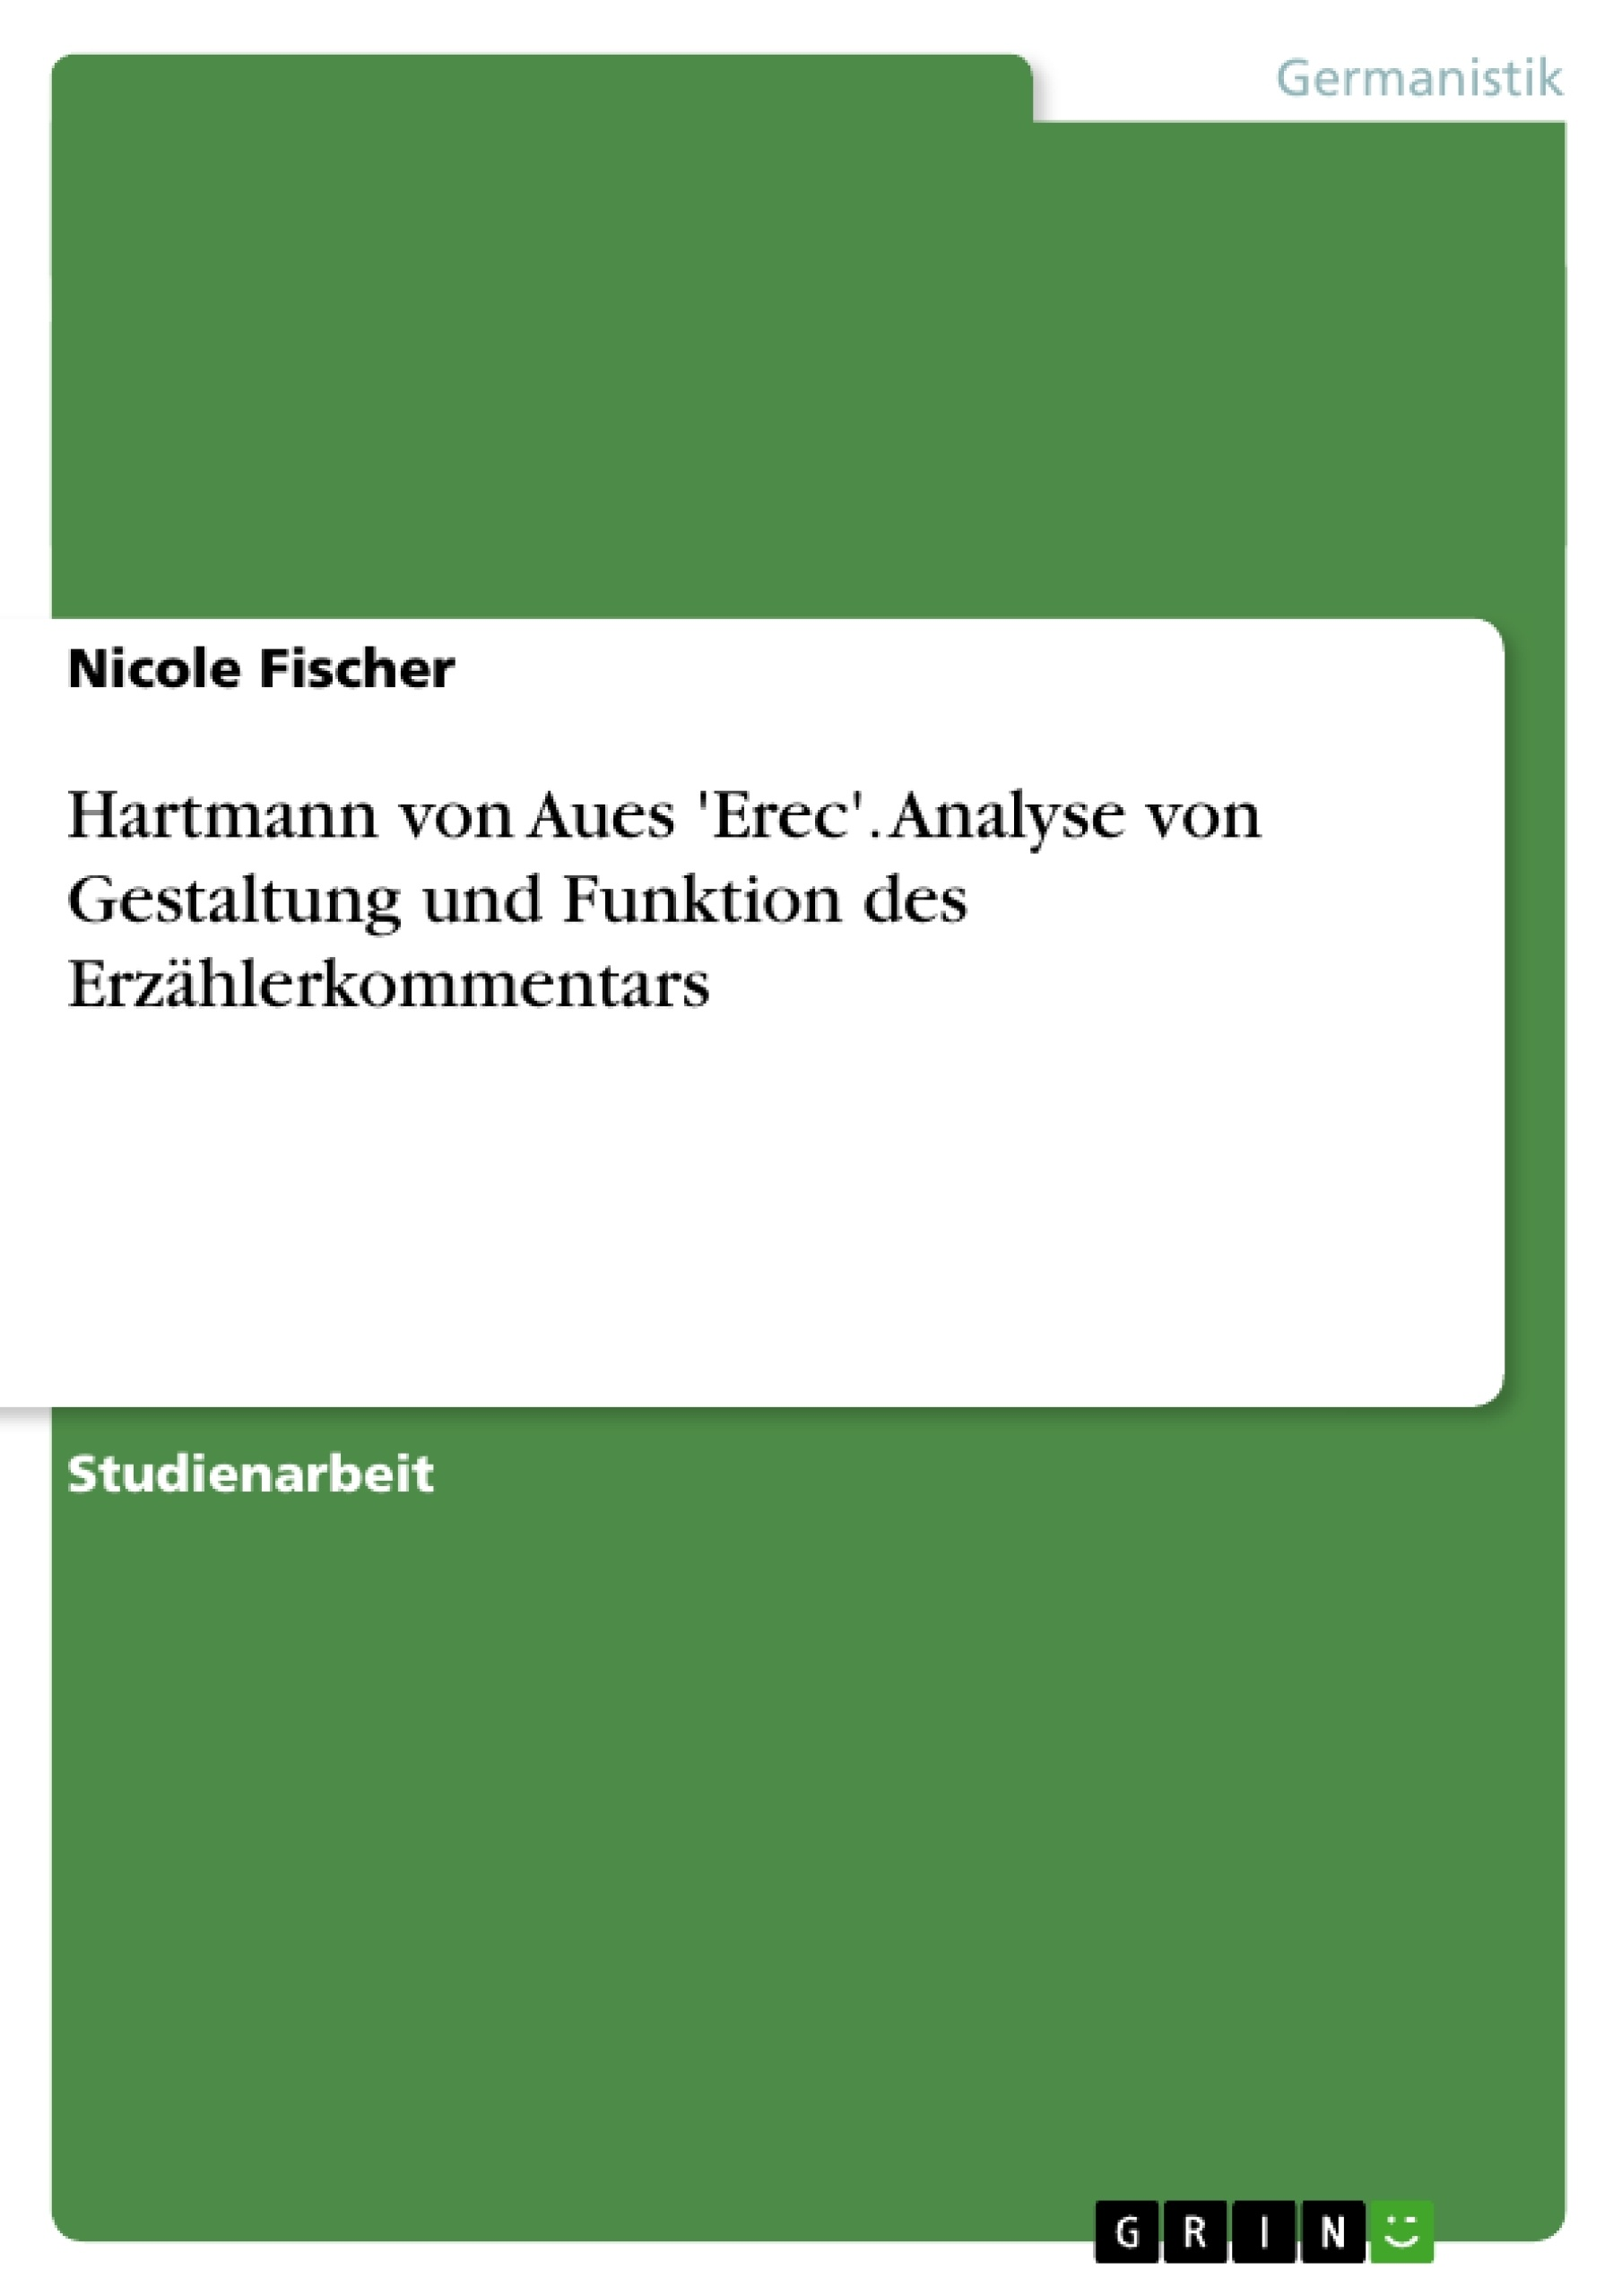 Titel: Hartmann von Aues 'Erec'. Analyse von Gestaltung und Funktion des Erzählerkommentars